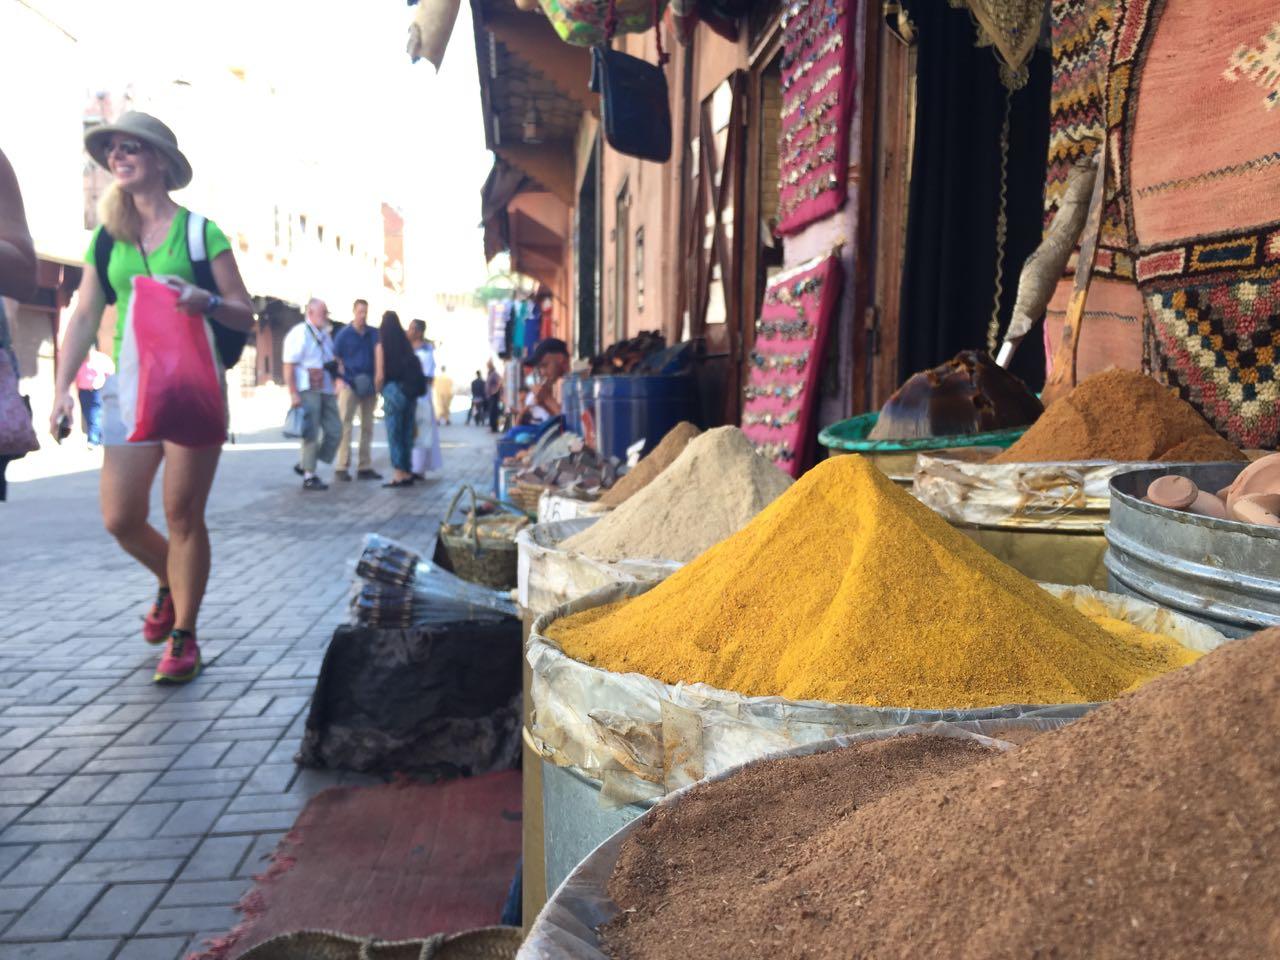 Prueba inequívoca de estar en el zoco de marrakech sera la multitud de fragancias que invaden el aire, debido a la multitud de especias.